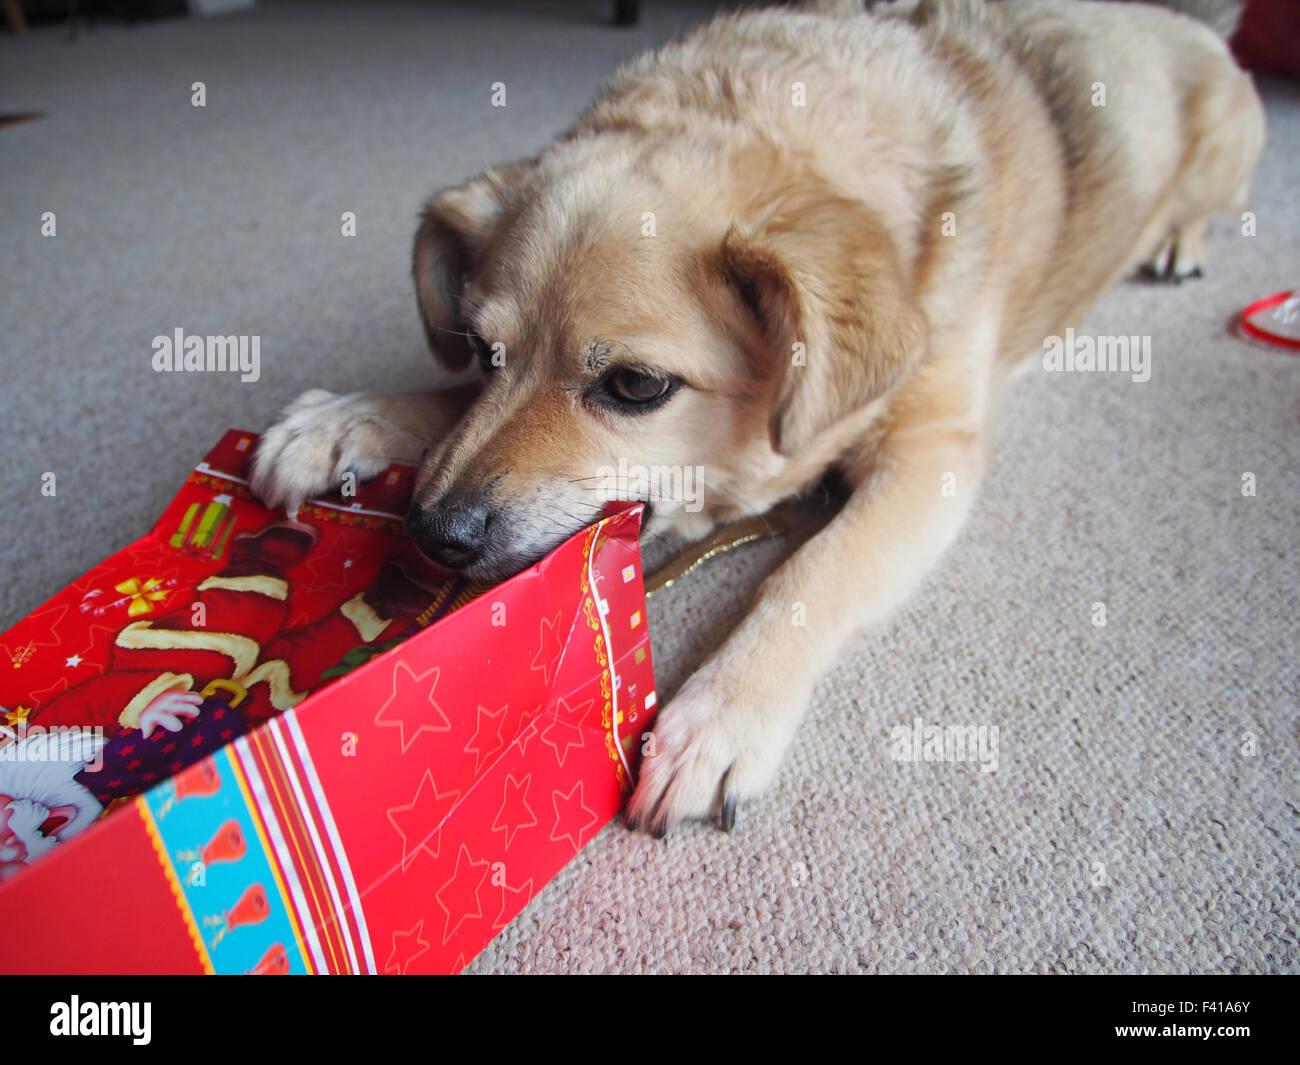 Cane con un regalo di natale Immagini Stock